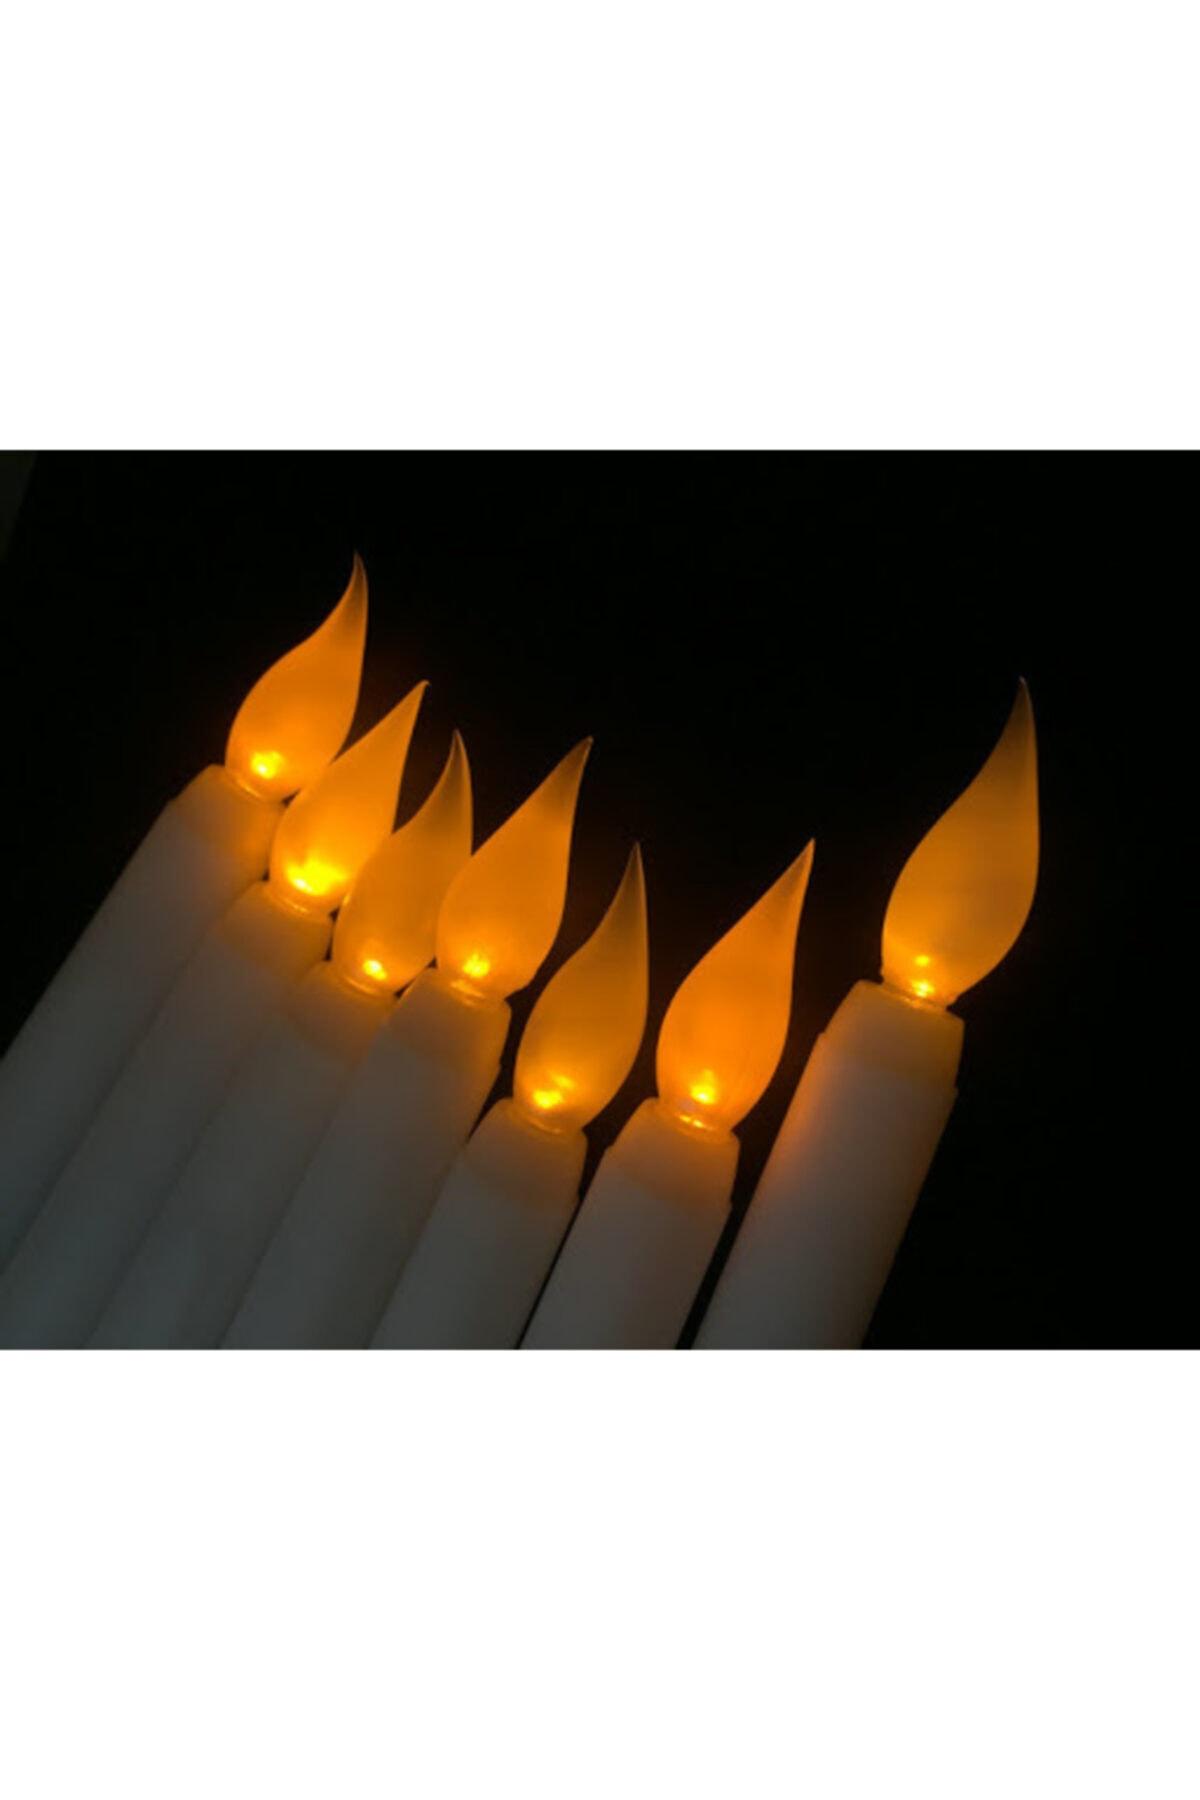 PROTECH Pilli Led Işıklı 5 Li 28 cm Şamdan Led Mum Sarı Gün Işığı 2